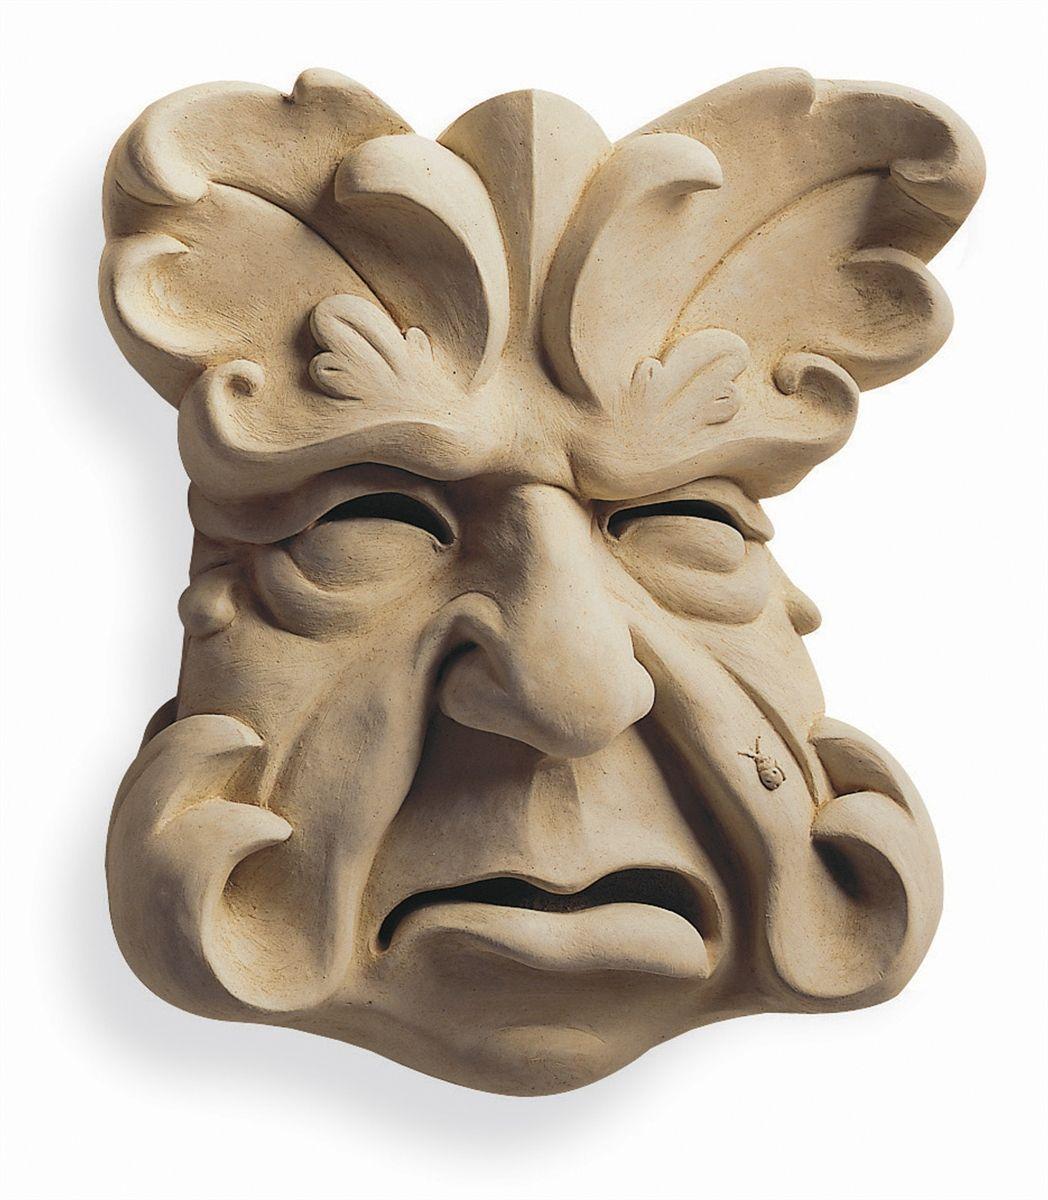 Garden plaque by carruth studio jewelry keramik skulpturen garten ideen - Gartenskulpturen selbstgemacht ...